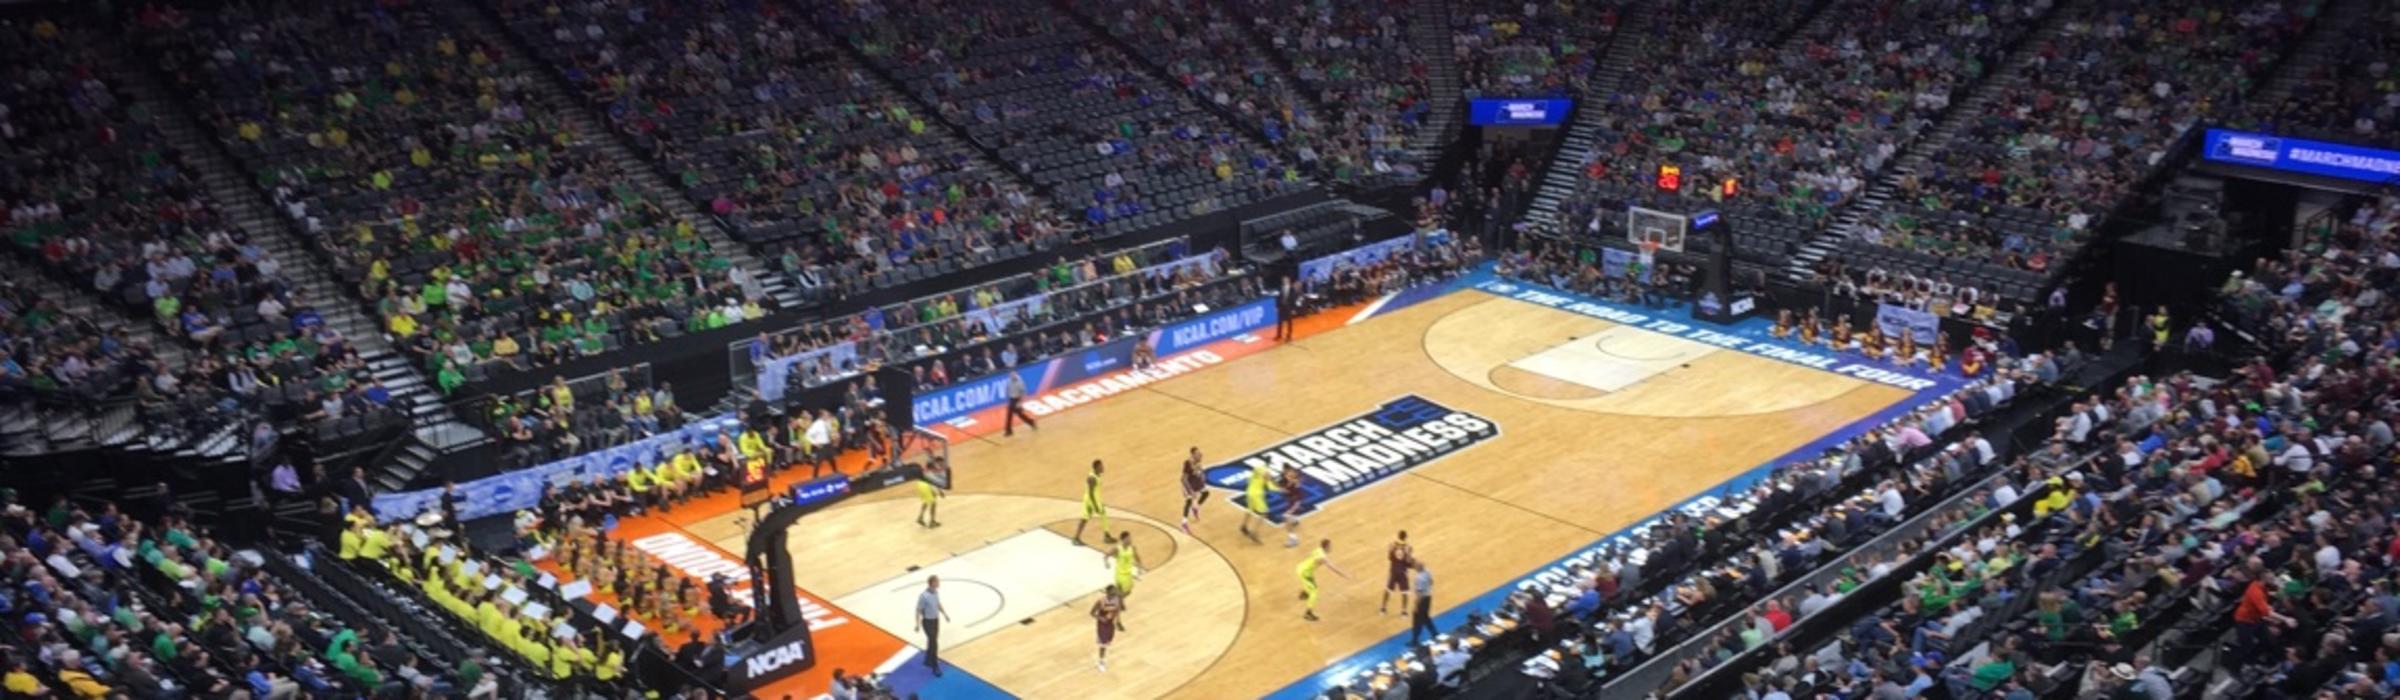 NCAA Div. I Basketball